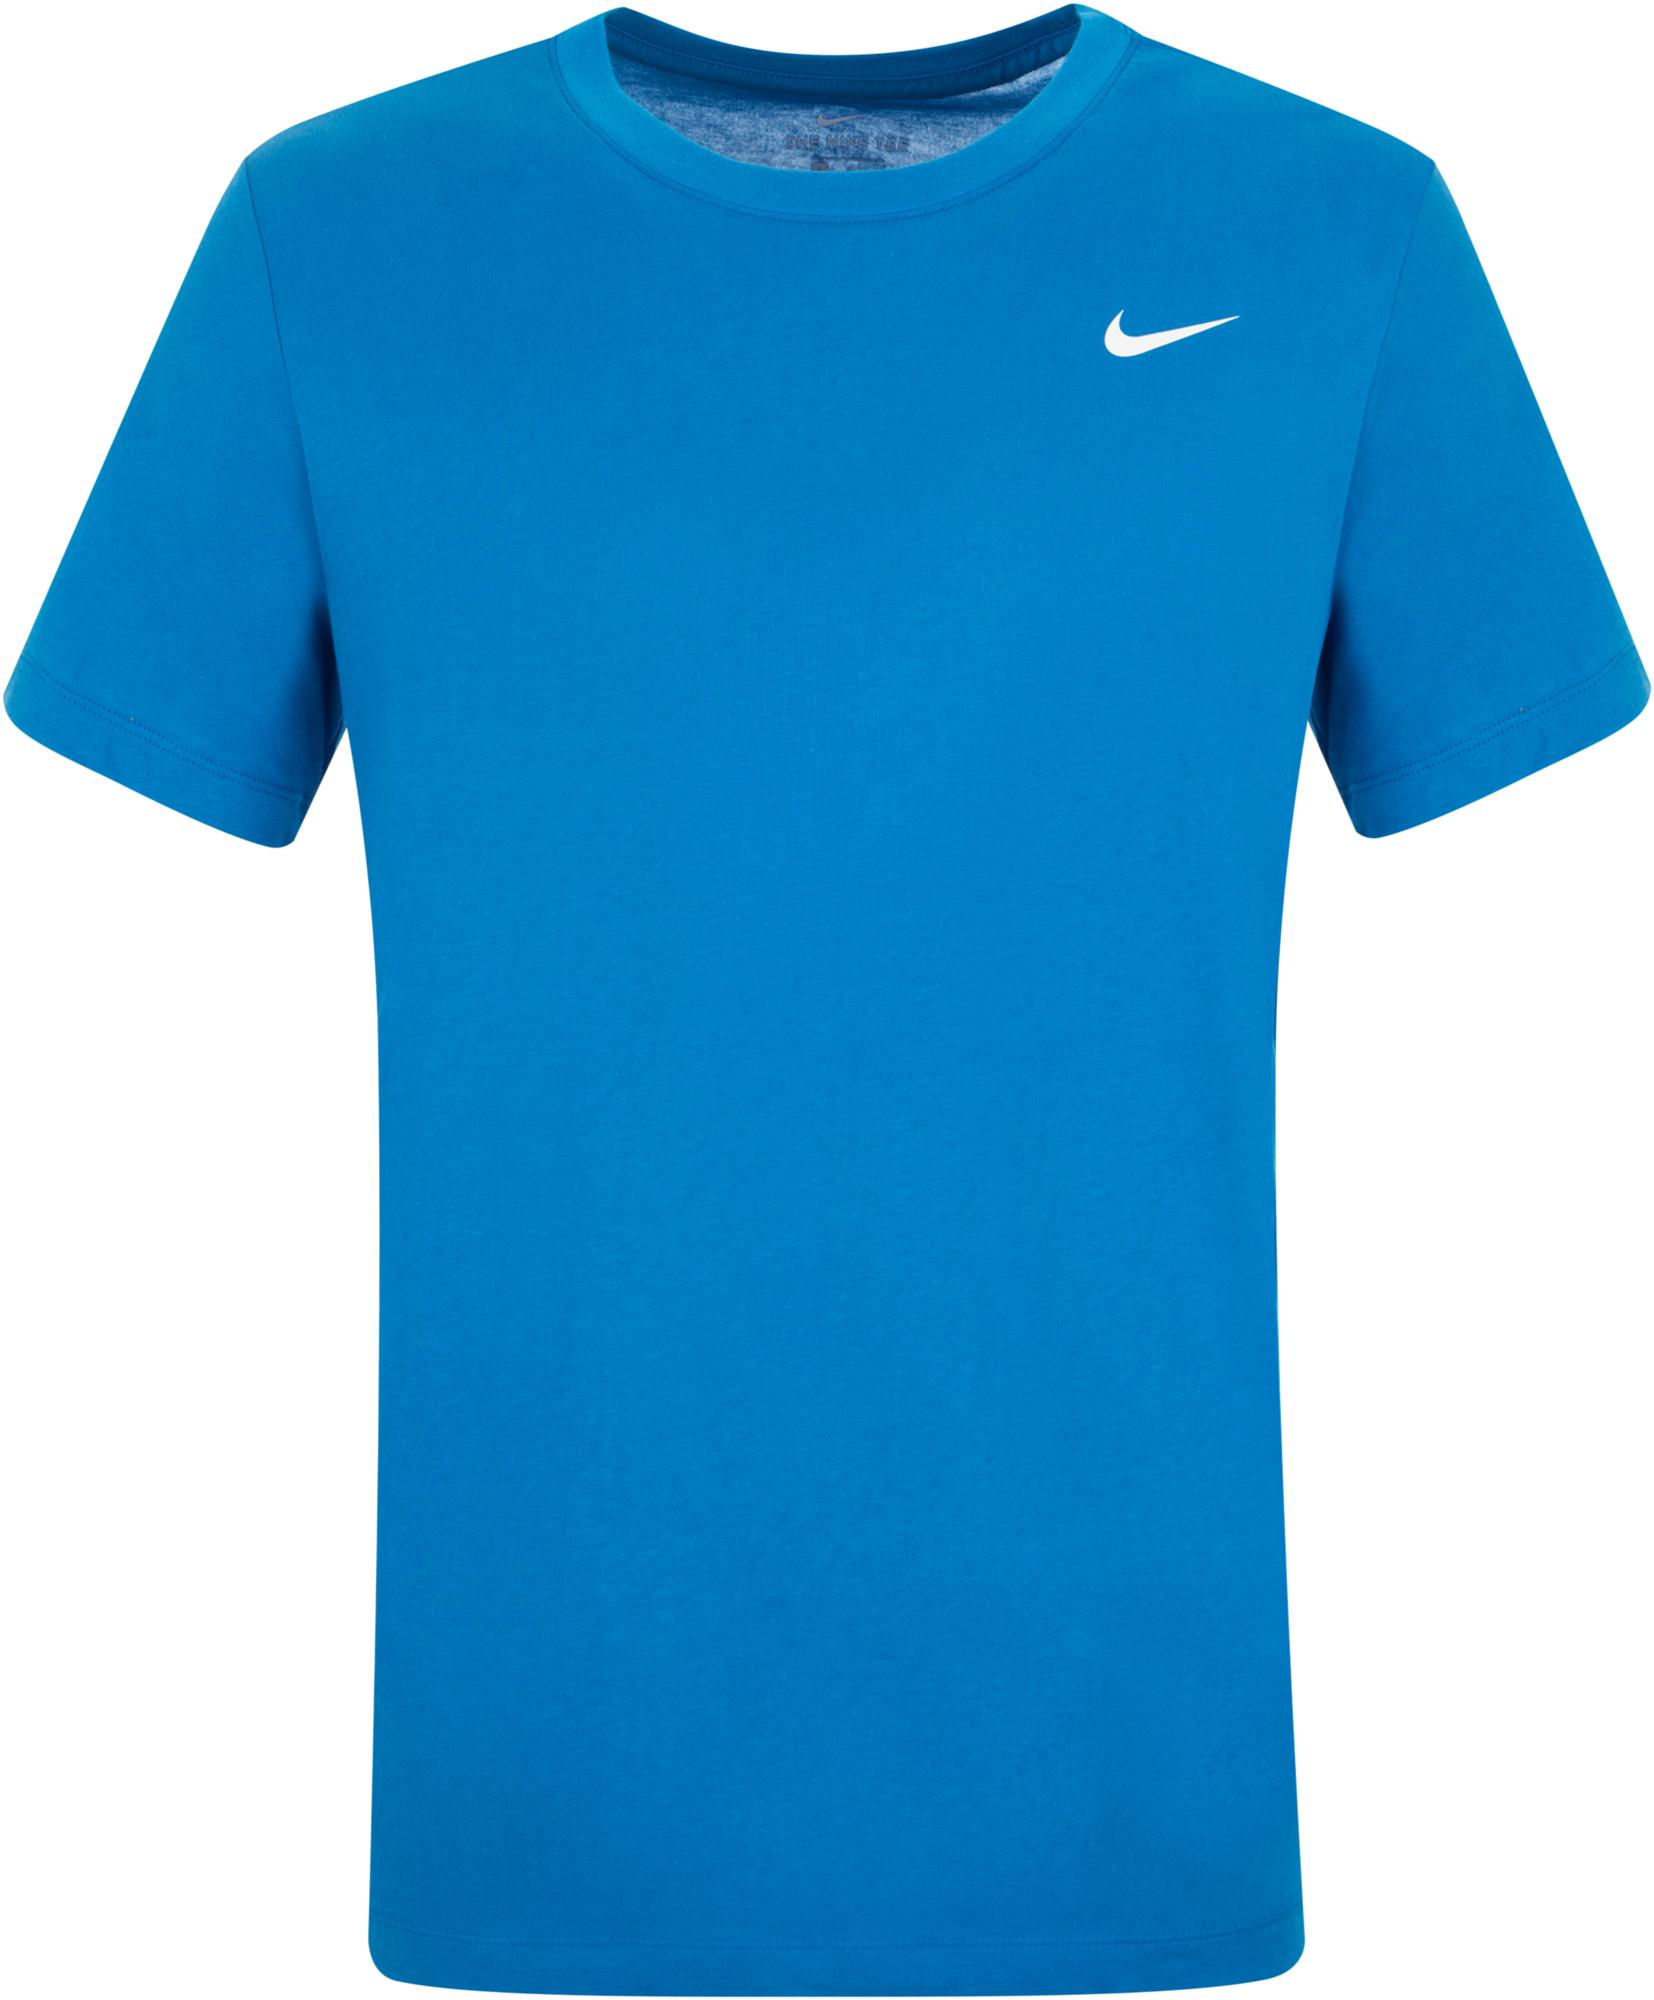 Nike Футболка мужская Nike Dry Crew, размер 50-52 все цены